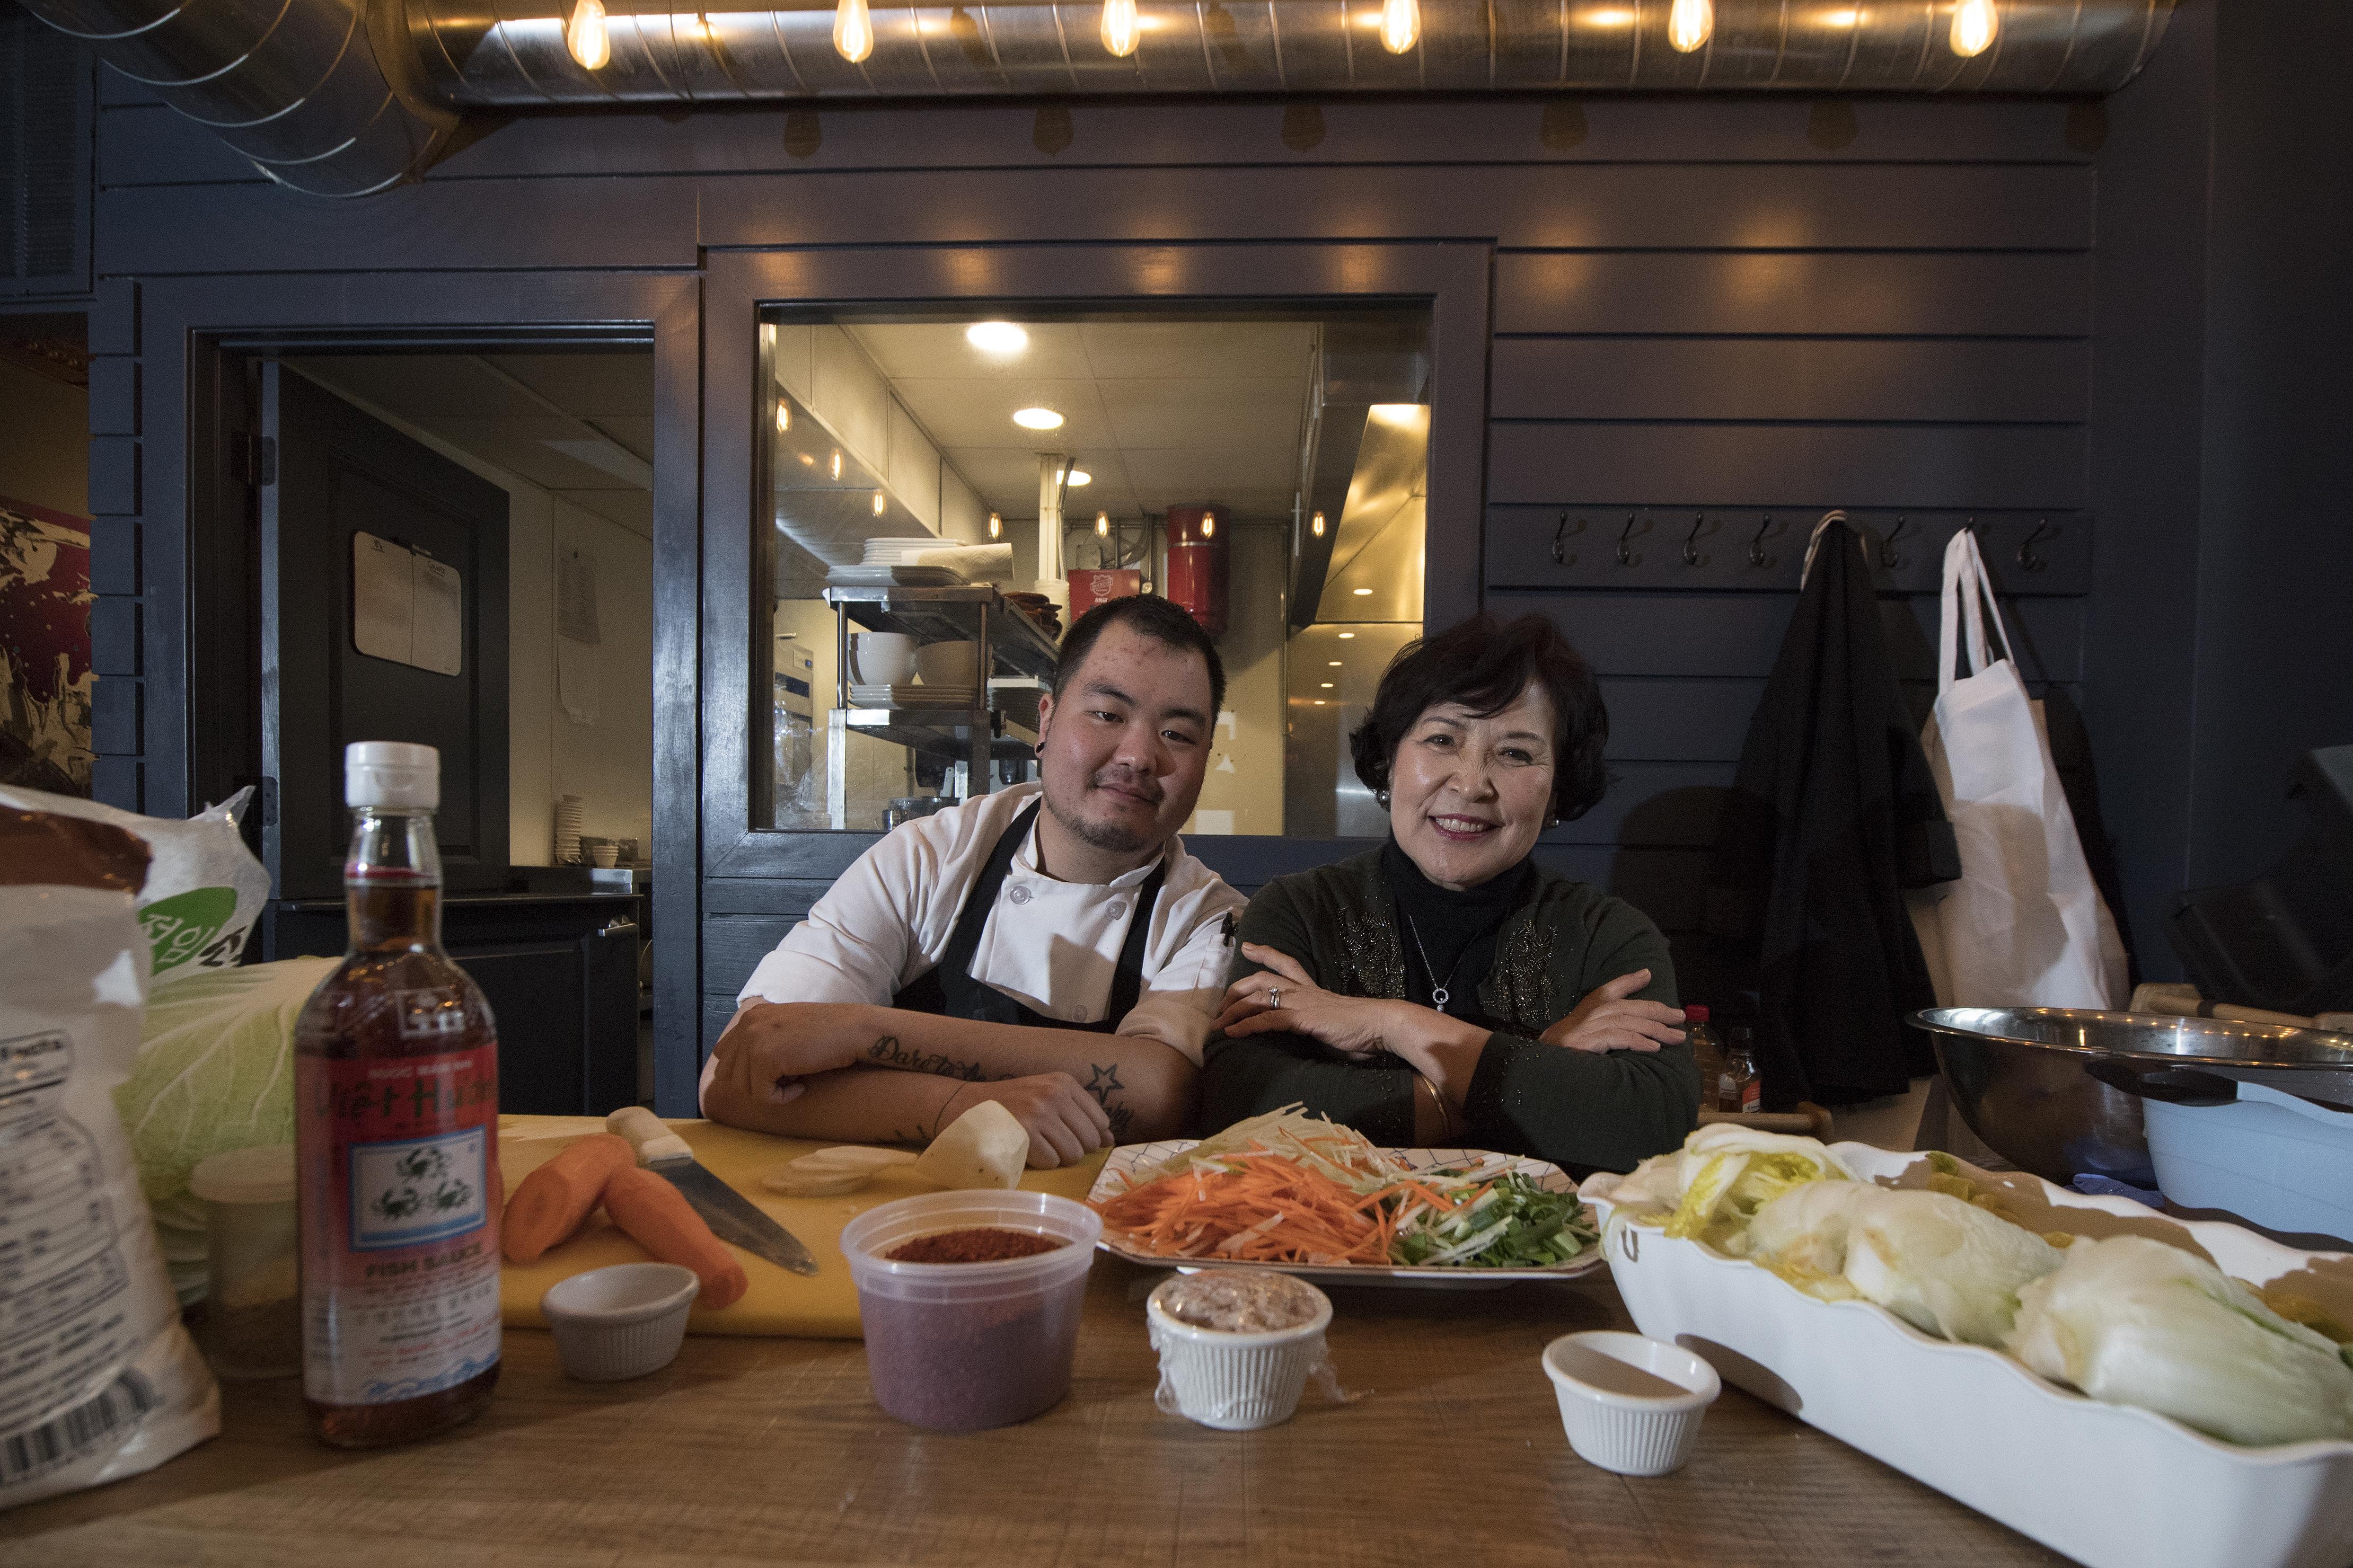 Chef Matt Delatour and Hyun Hwang at SouthGate.